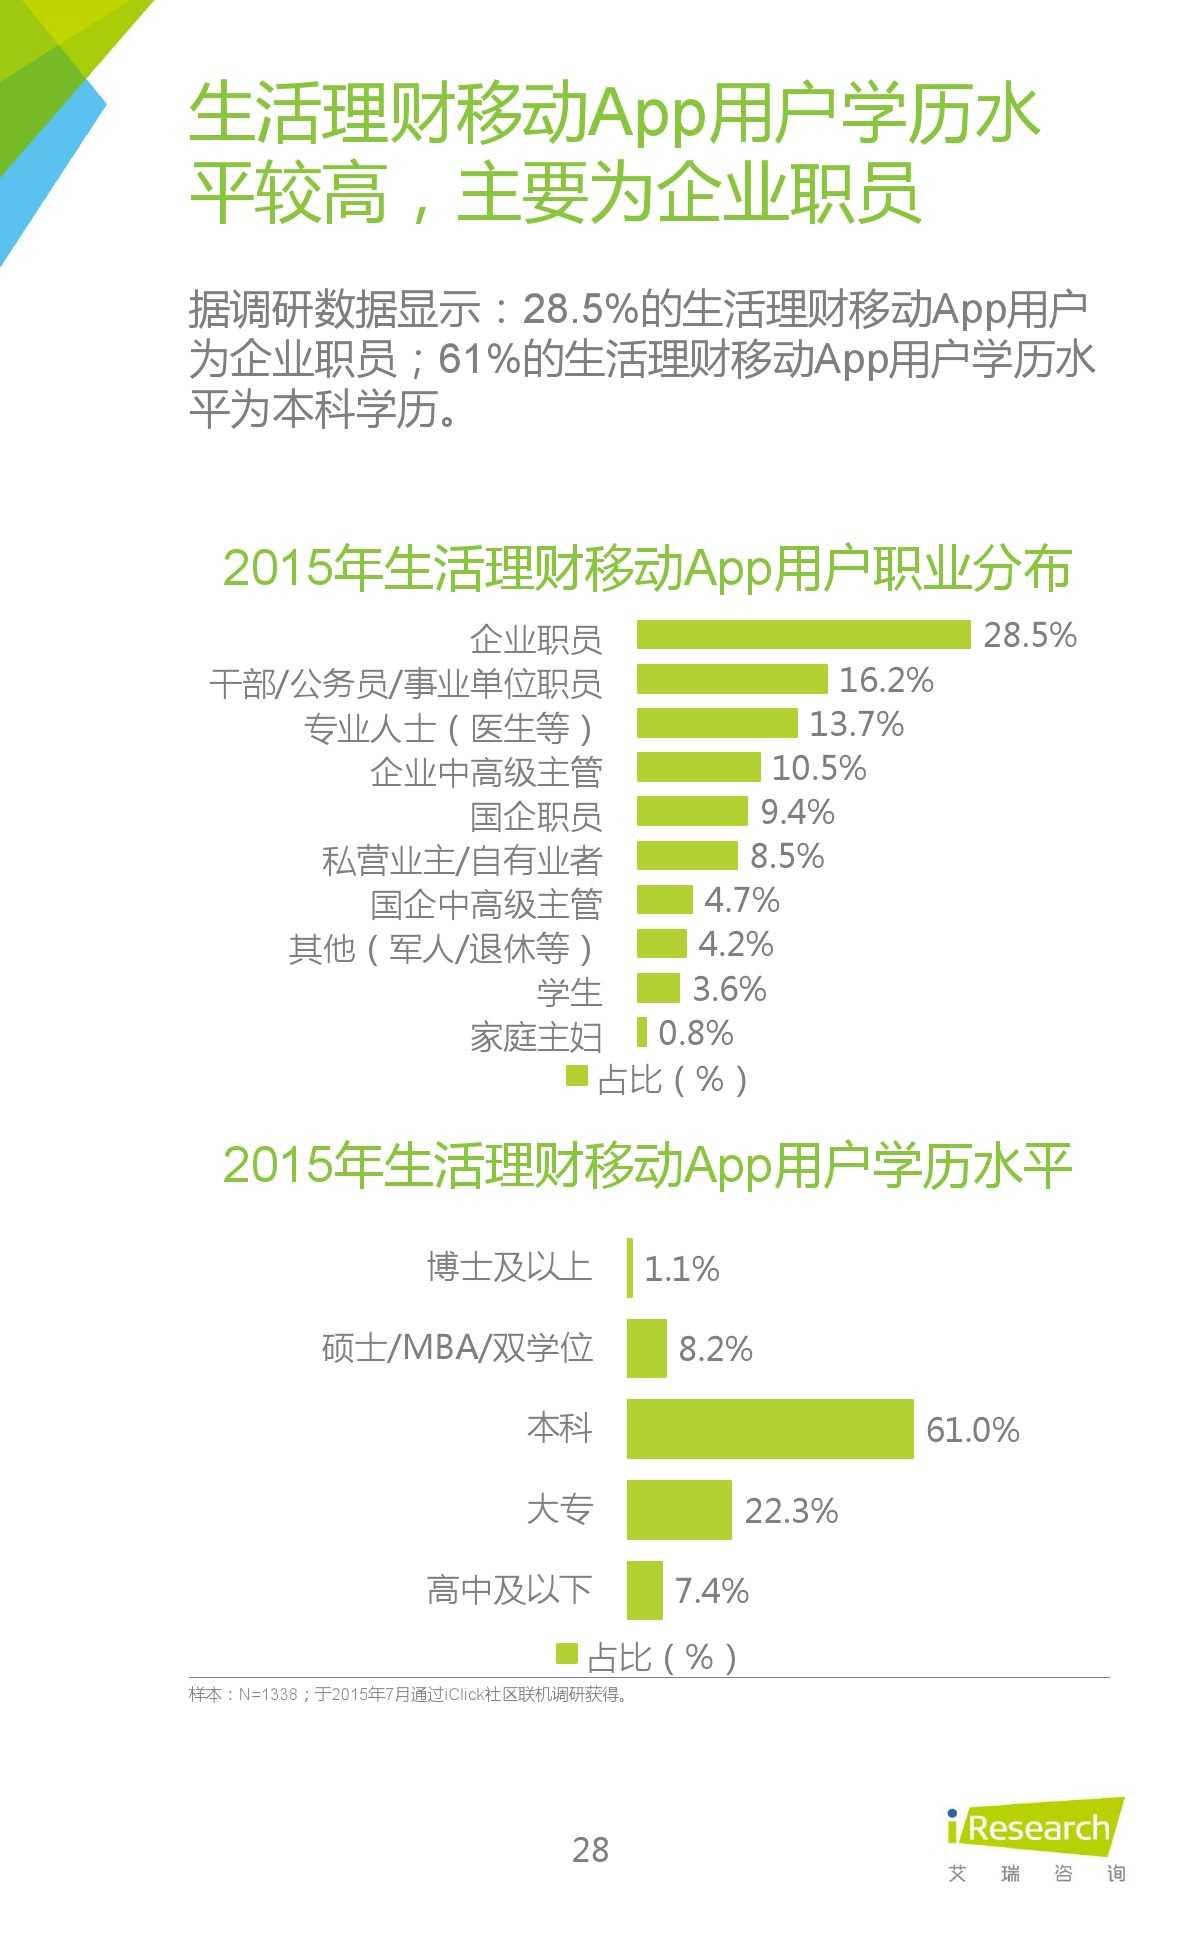 2015年中国生活理财移动App行业研究报告_000028